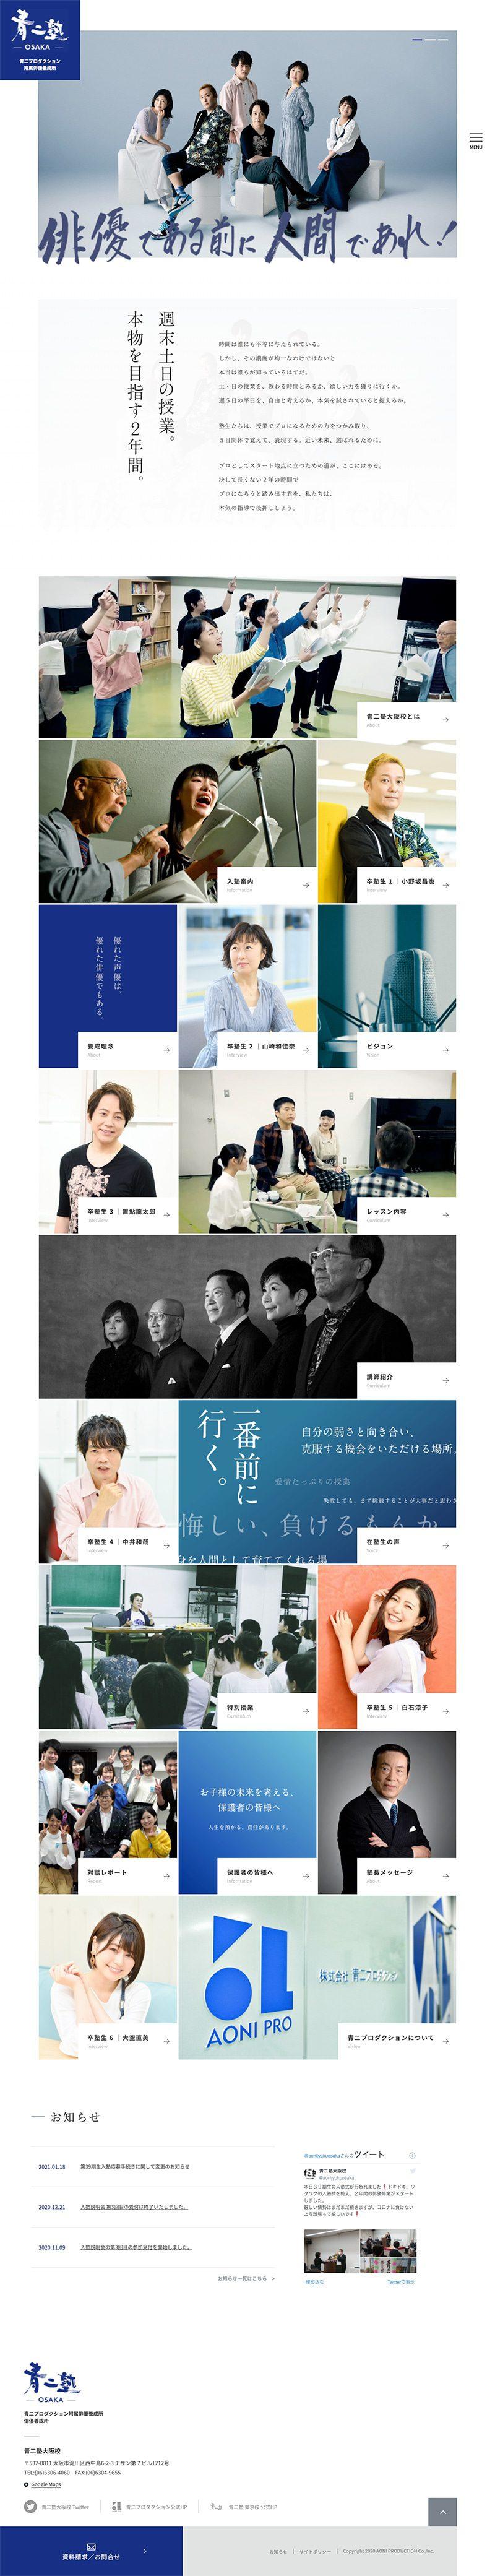 青二塾 大阪校|株式会社青二プロダクションTOPページ